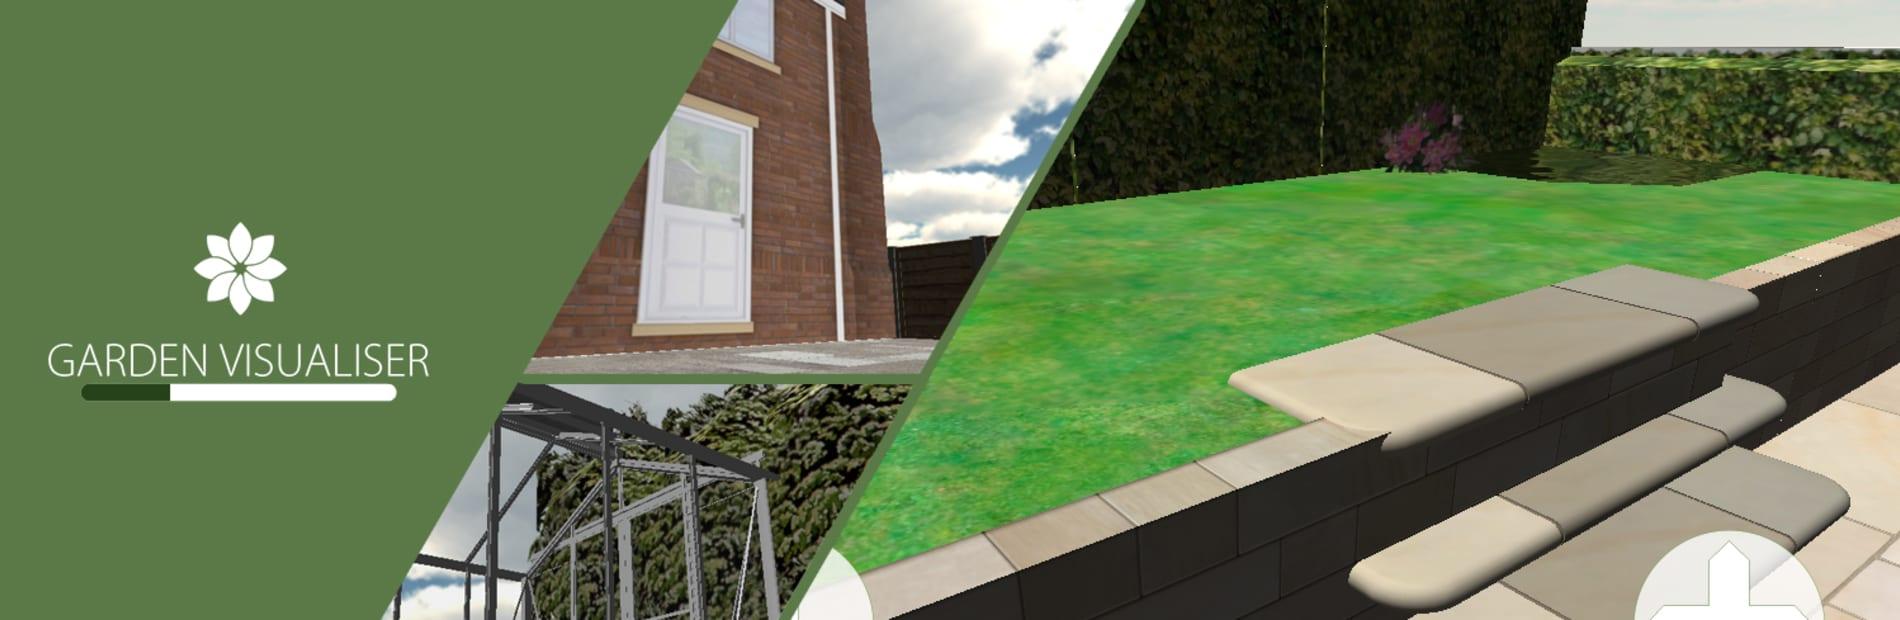 garden visualizer